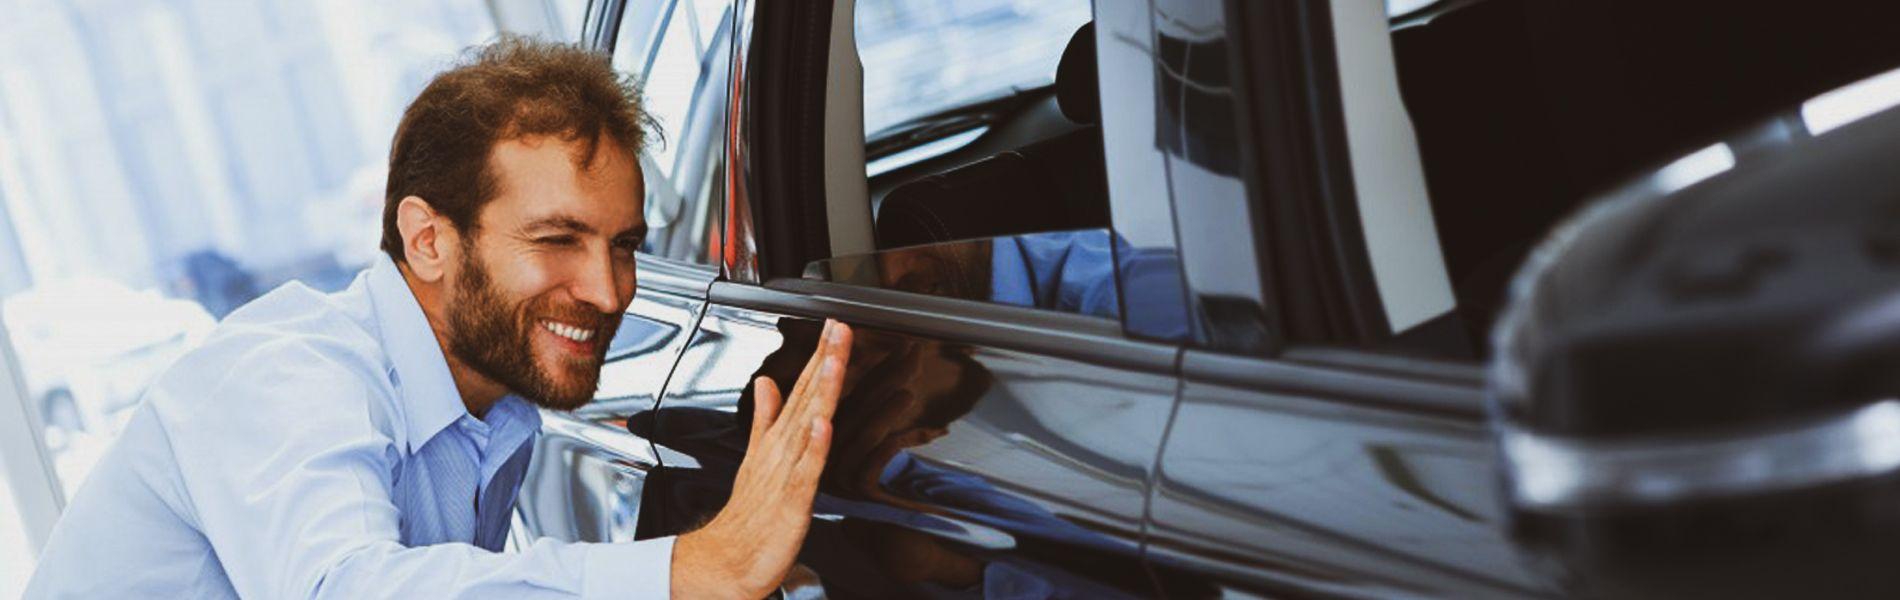 როგორ უნდა შეამოწმო ავტომობილი ტექნიკურად ყიდვამდე?